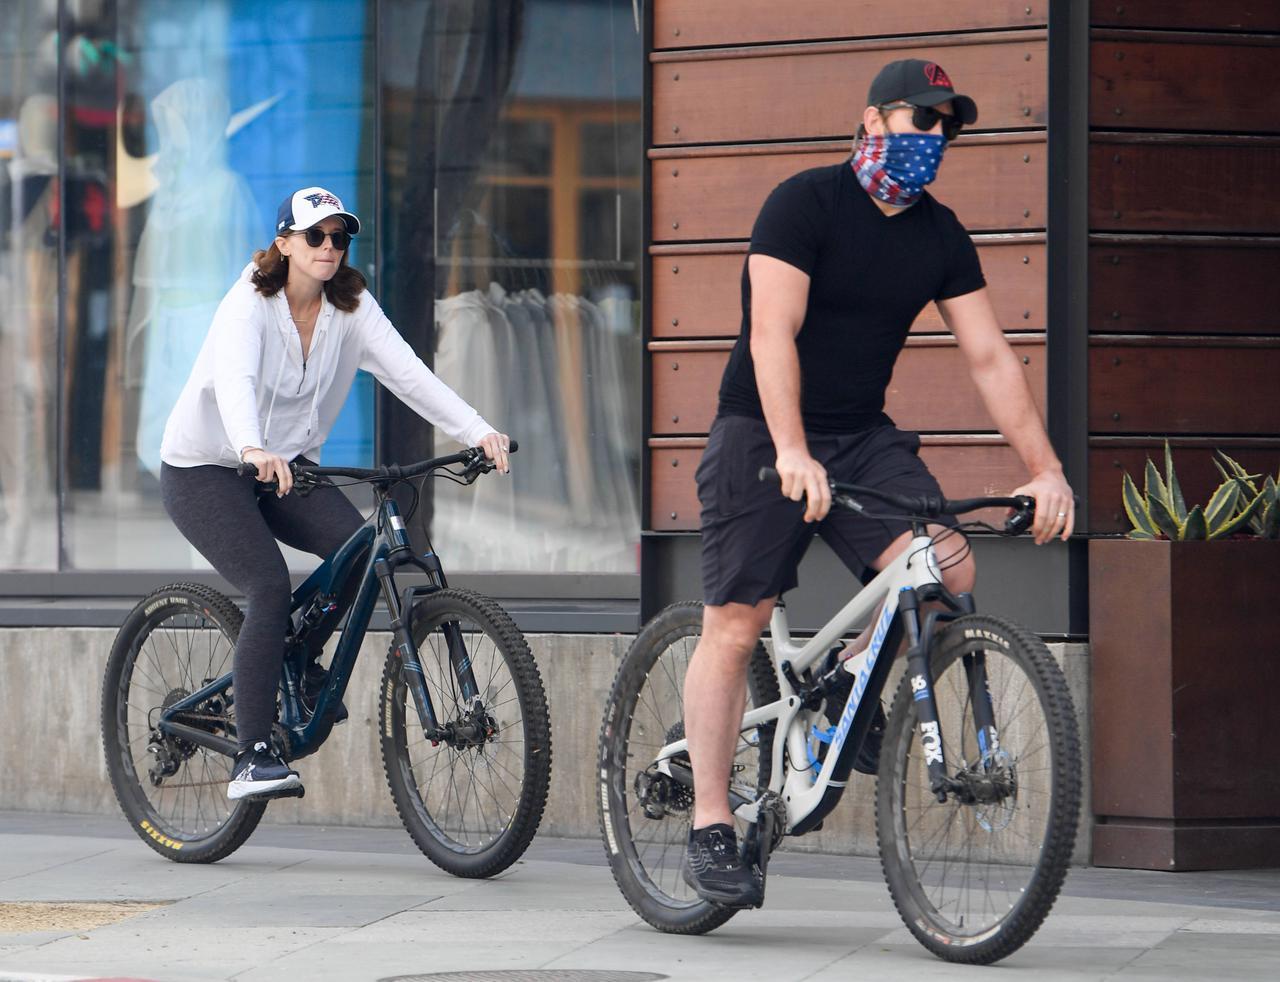 画像: クリスや父アーノルドとともに自転車に乗って走っているところを目撃されたキャサリン。新型コロナウイルス感染拡大の影響で長引く隔離生活の気分転換にサイクリングを楽しんだ。